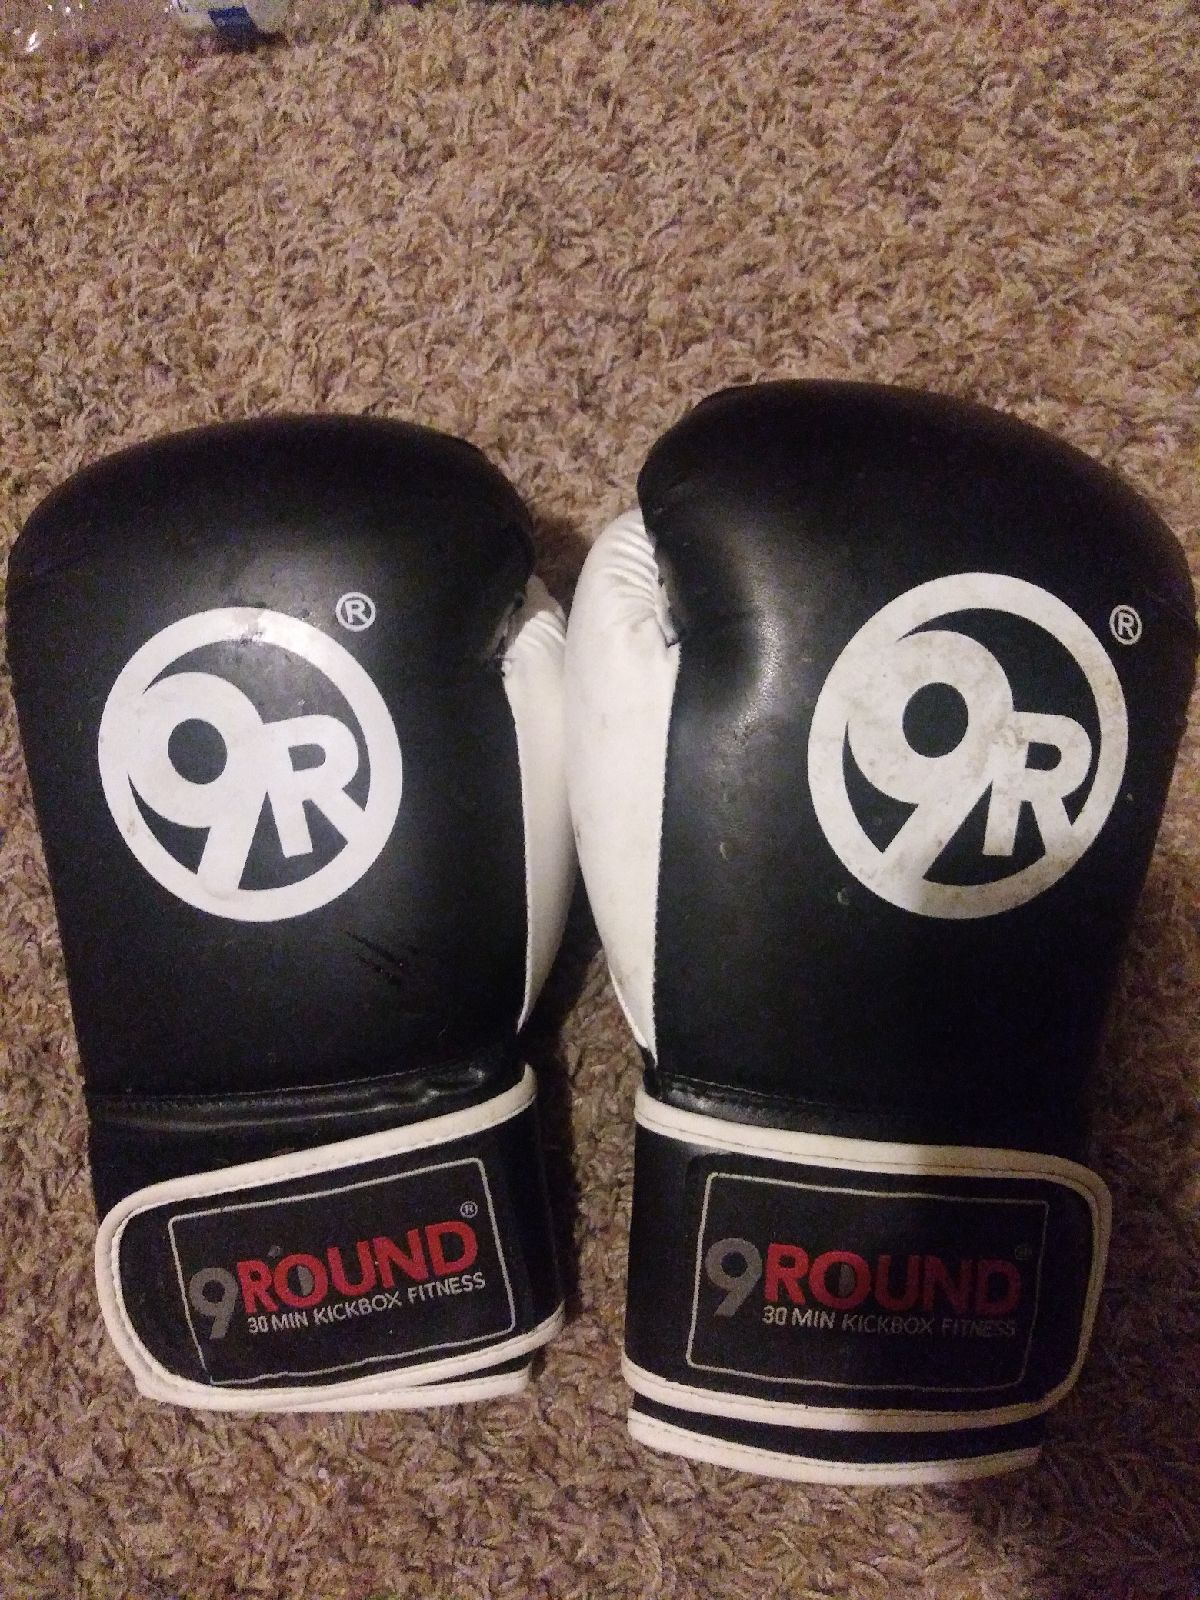 Kickboxing practice gloves